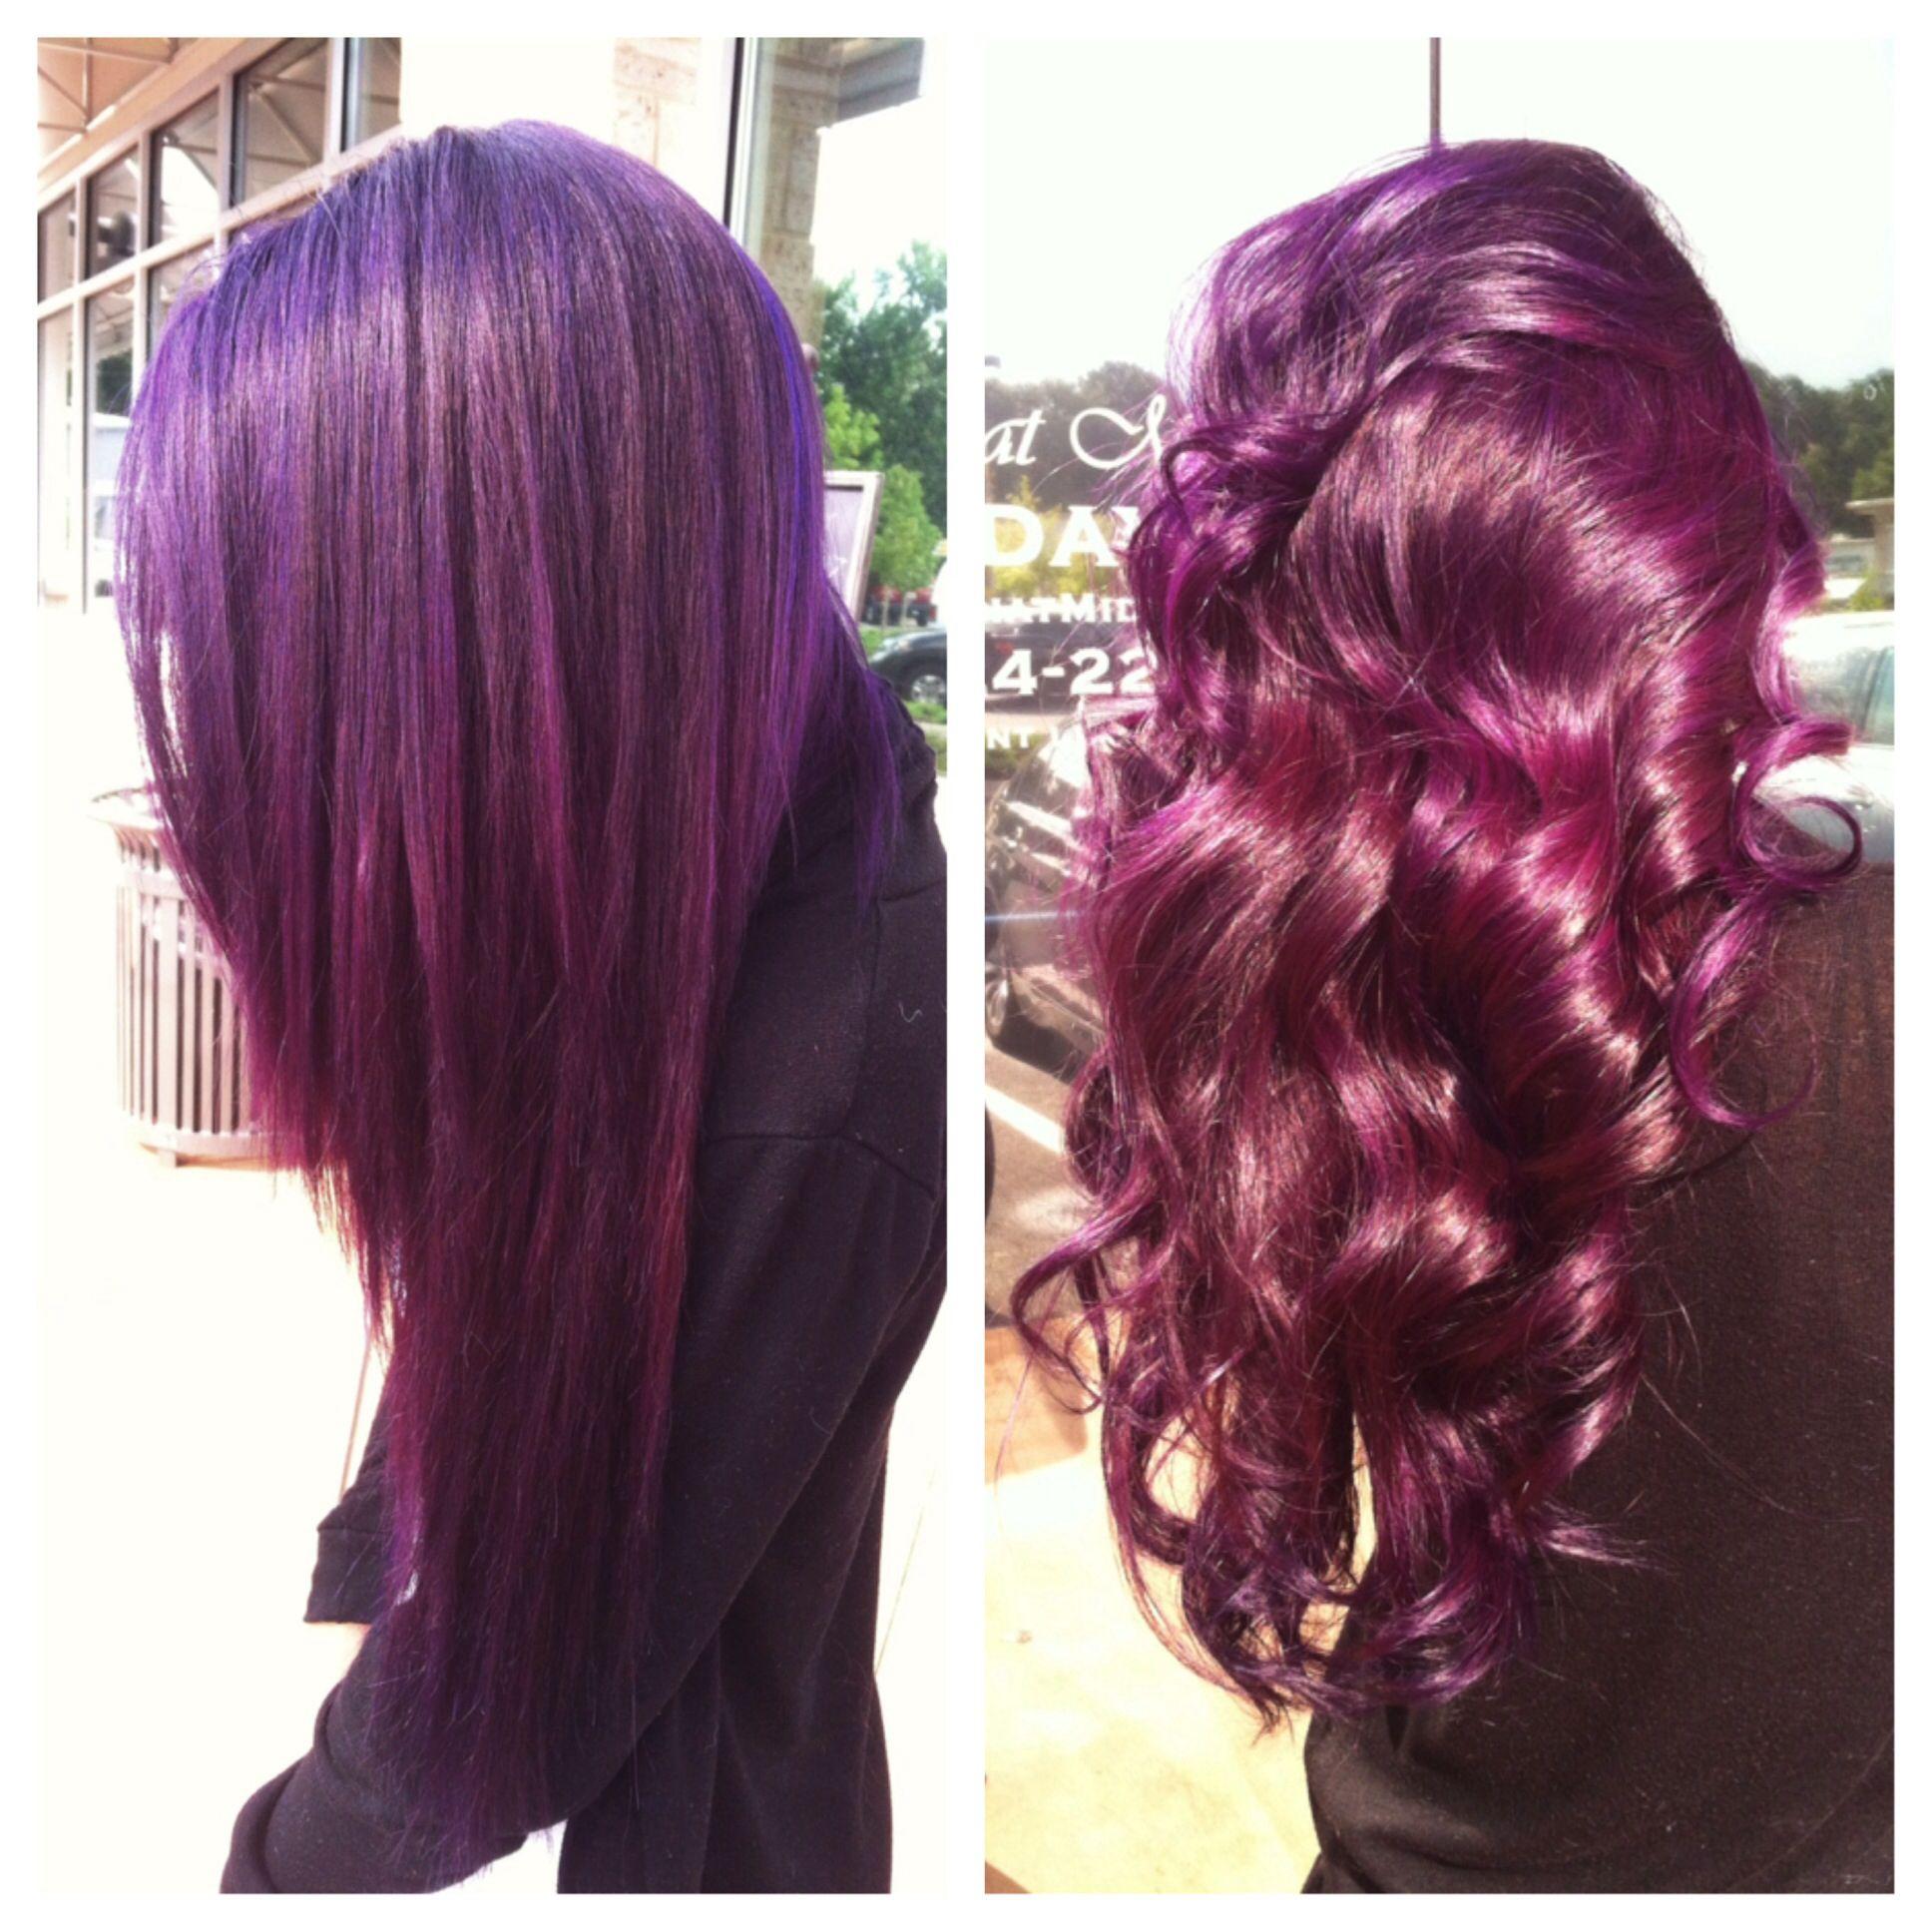 Pravana magenta & violet on Asian hair Hair I love